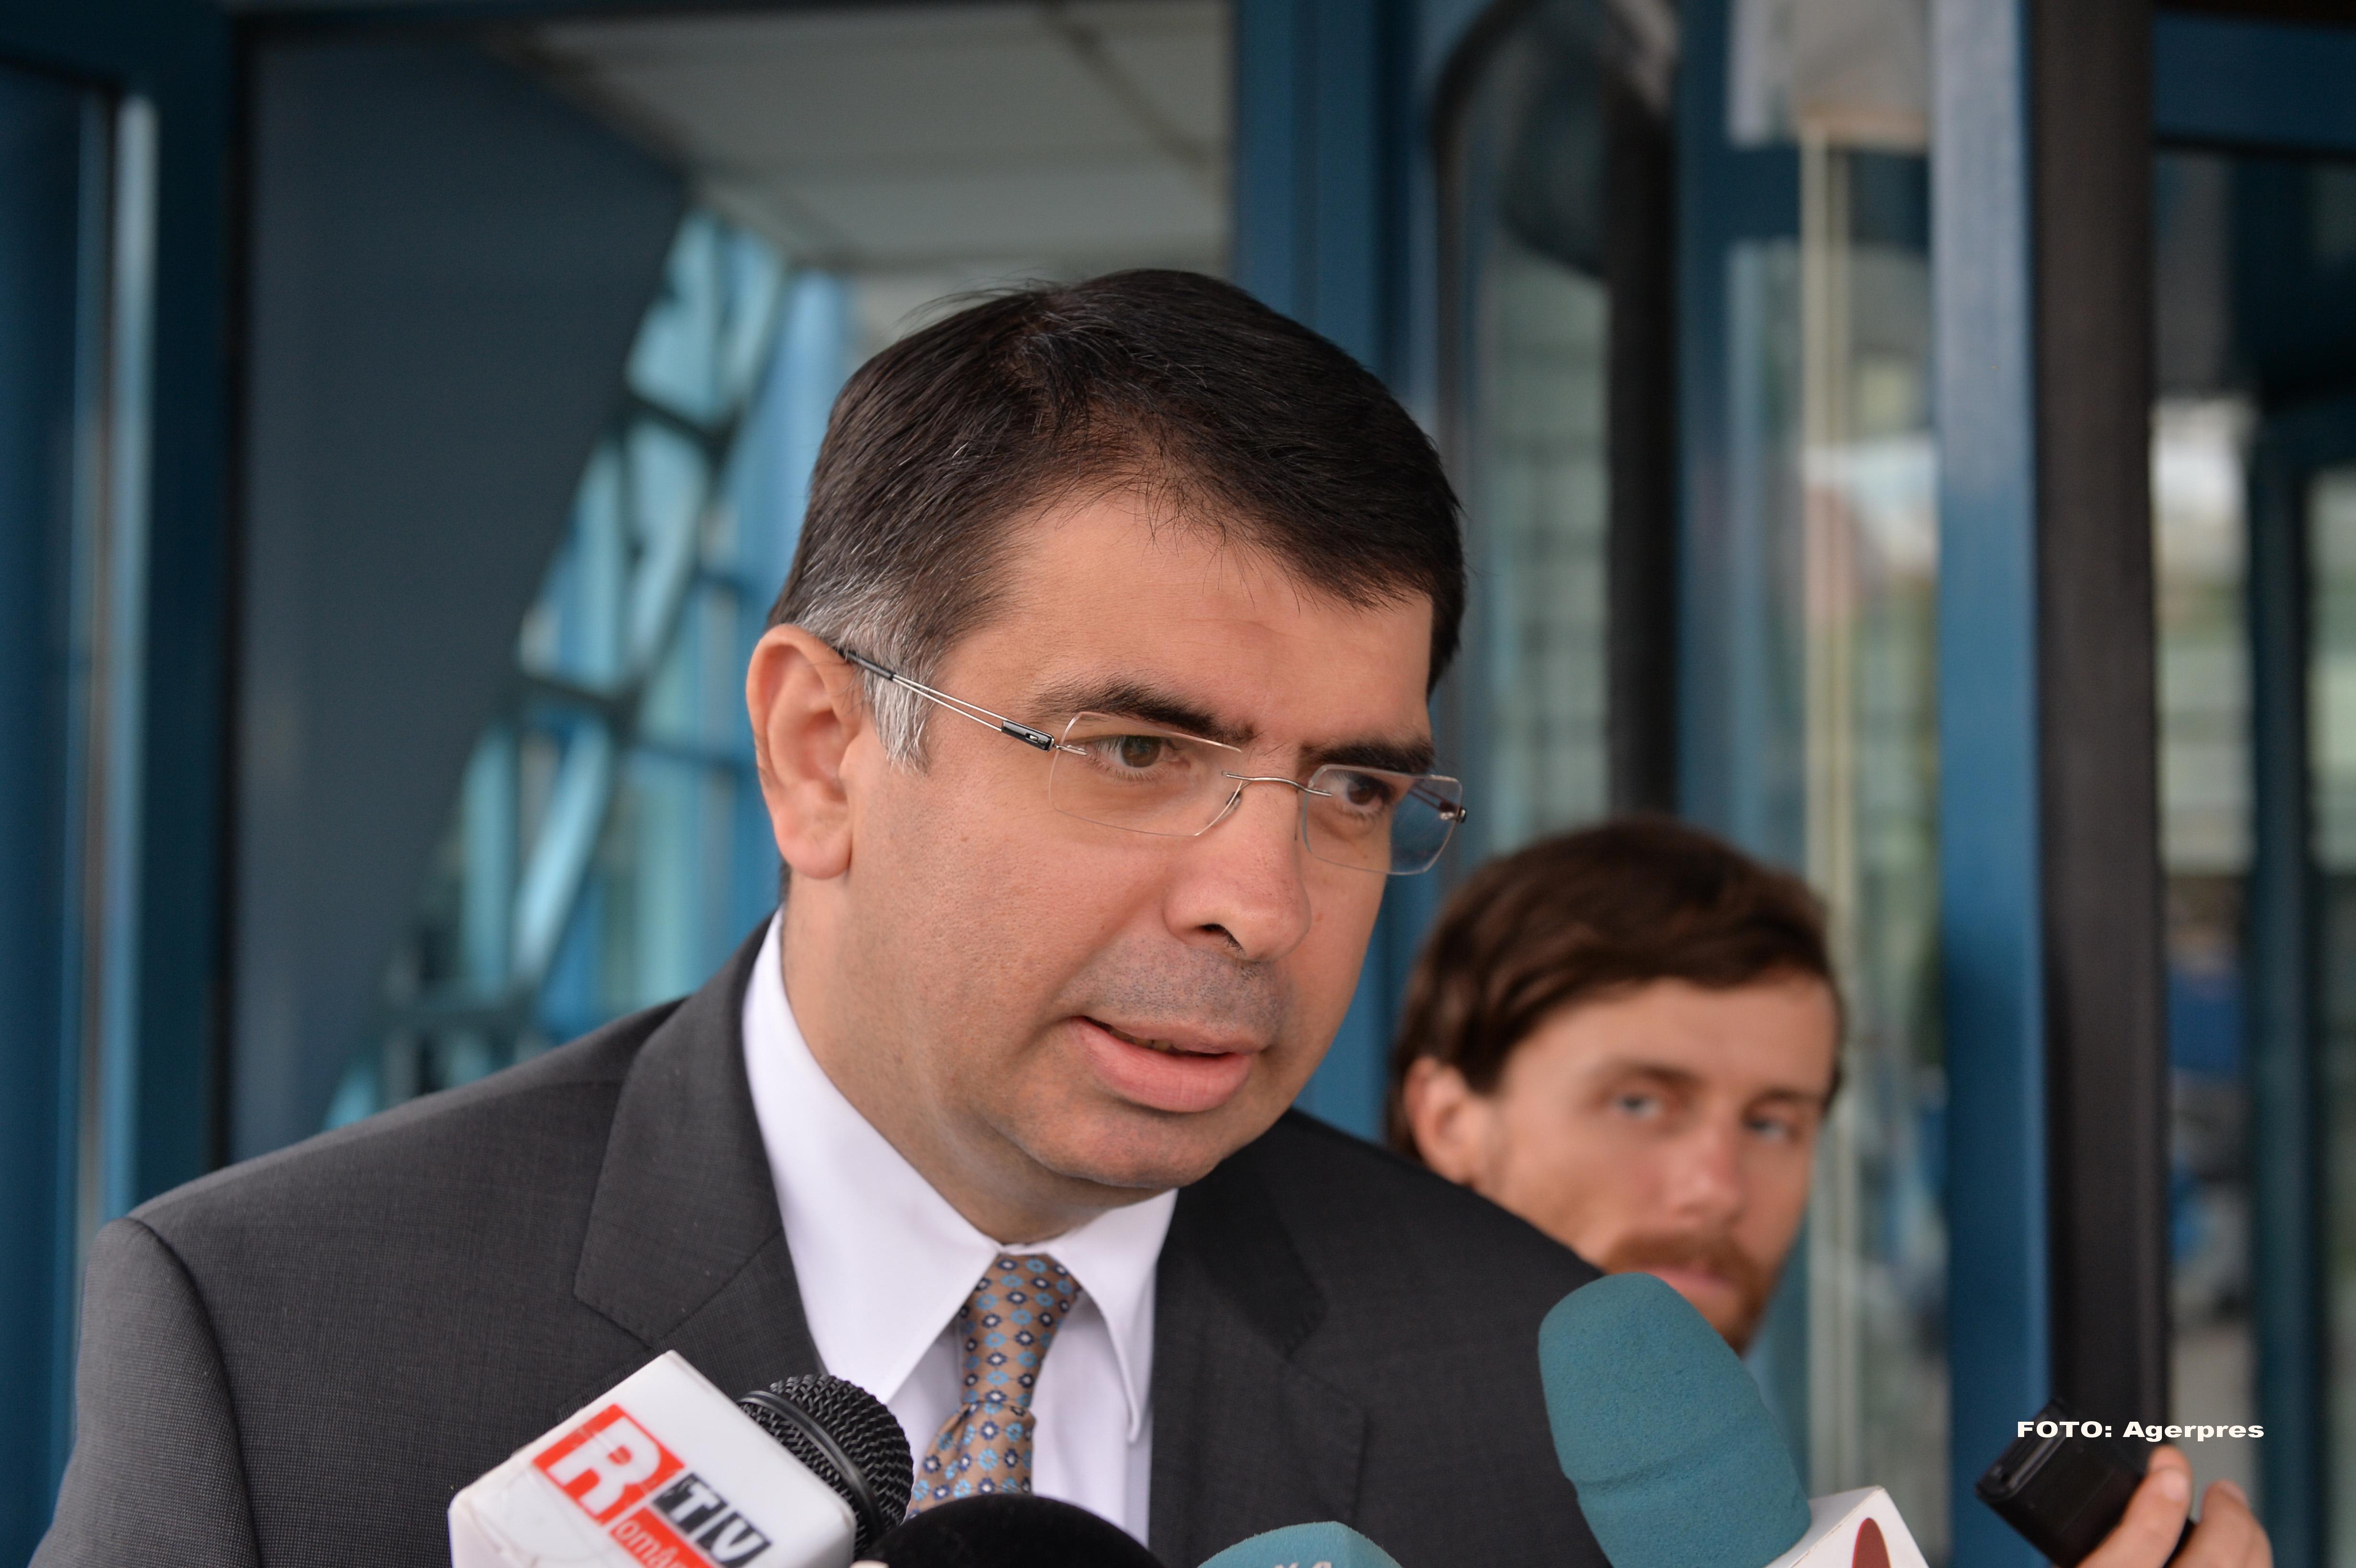 Ministrul Justitiei, Robert Cazanciuc, despre dosarele Ponta si Dragnea: